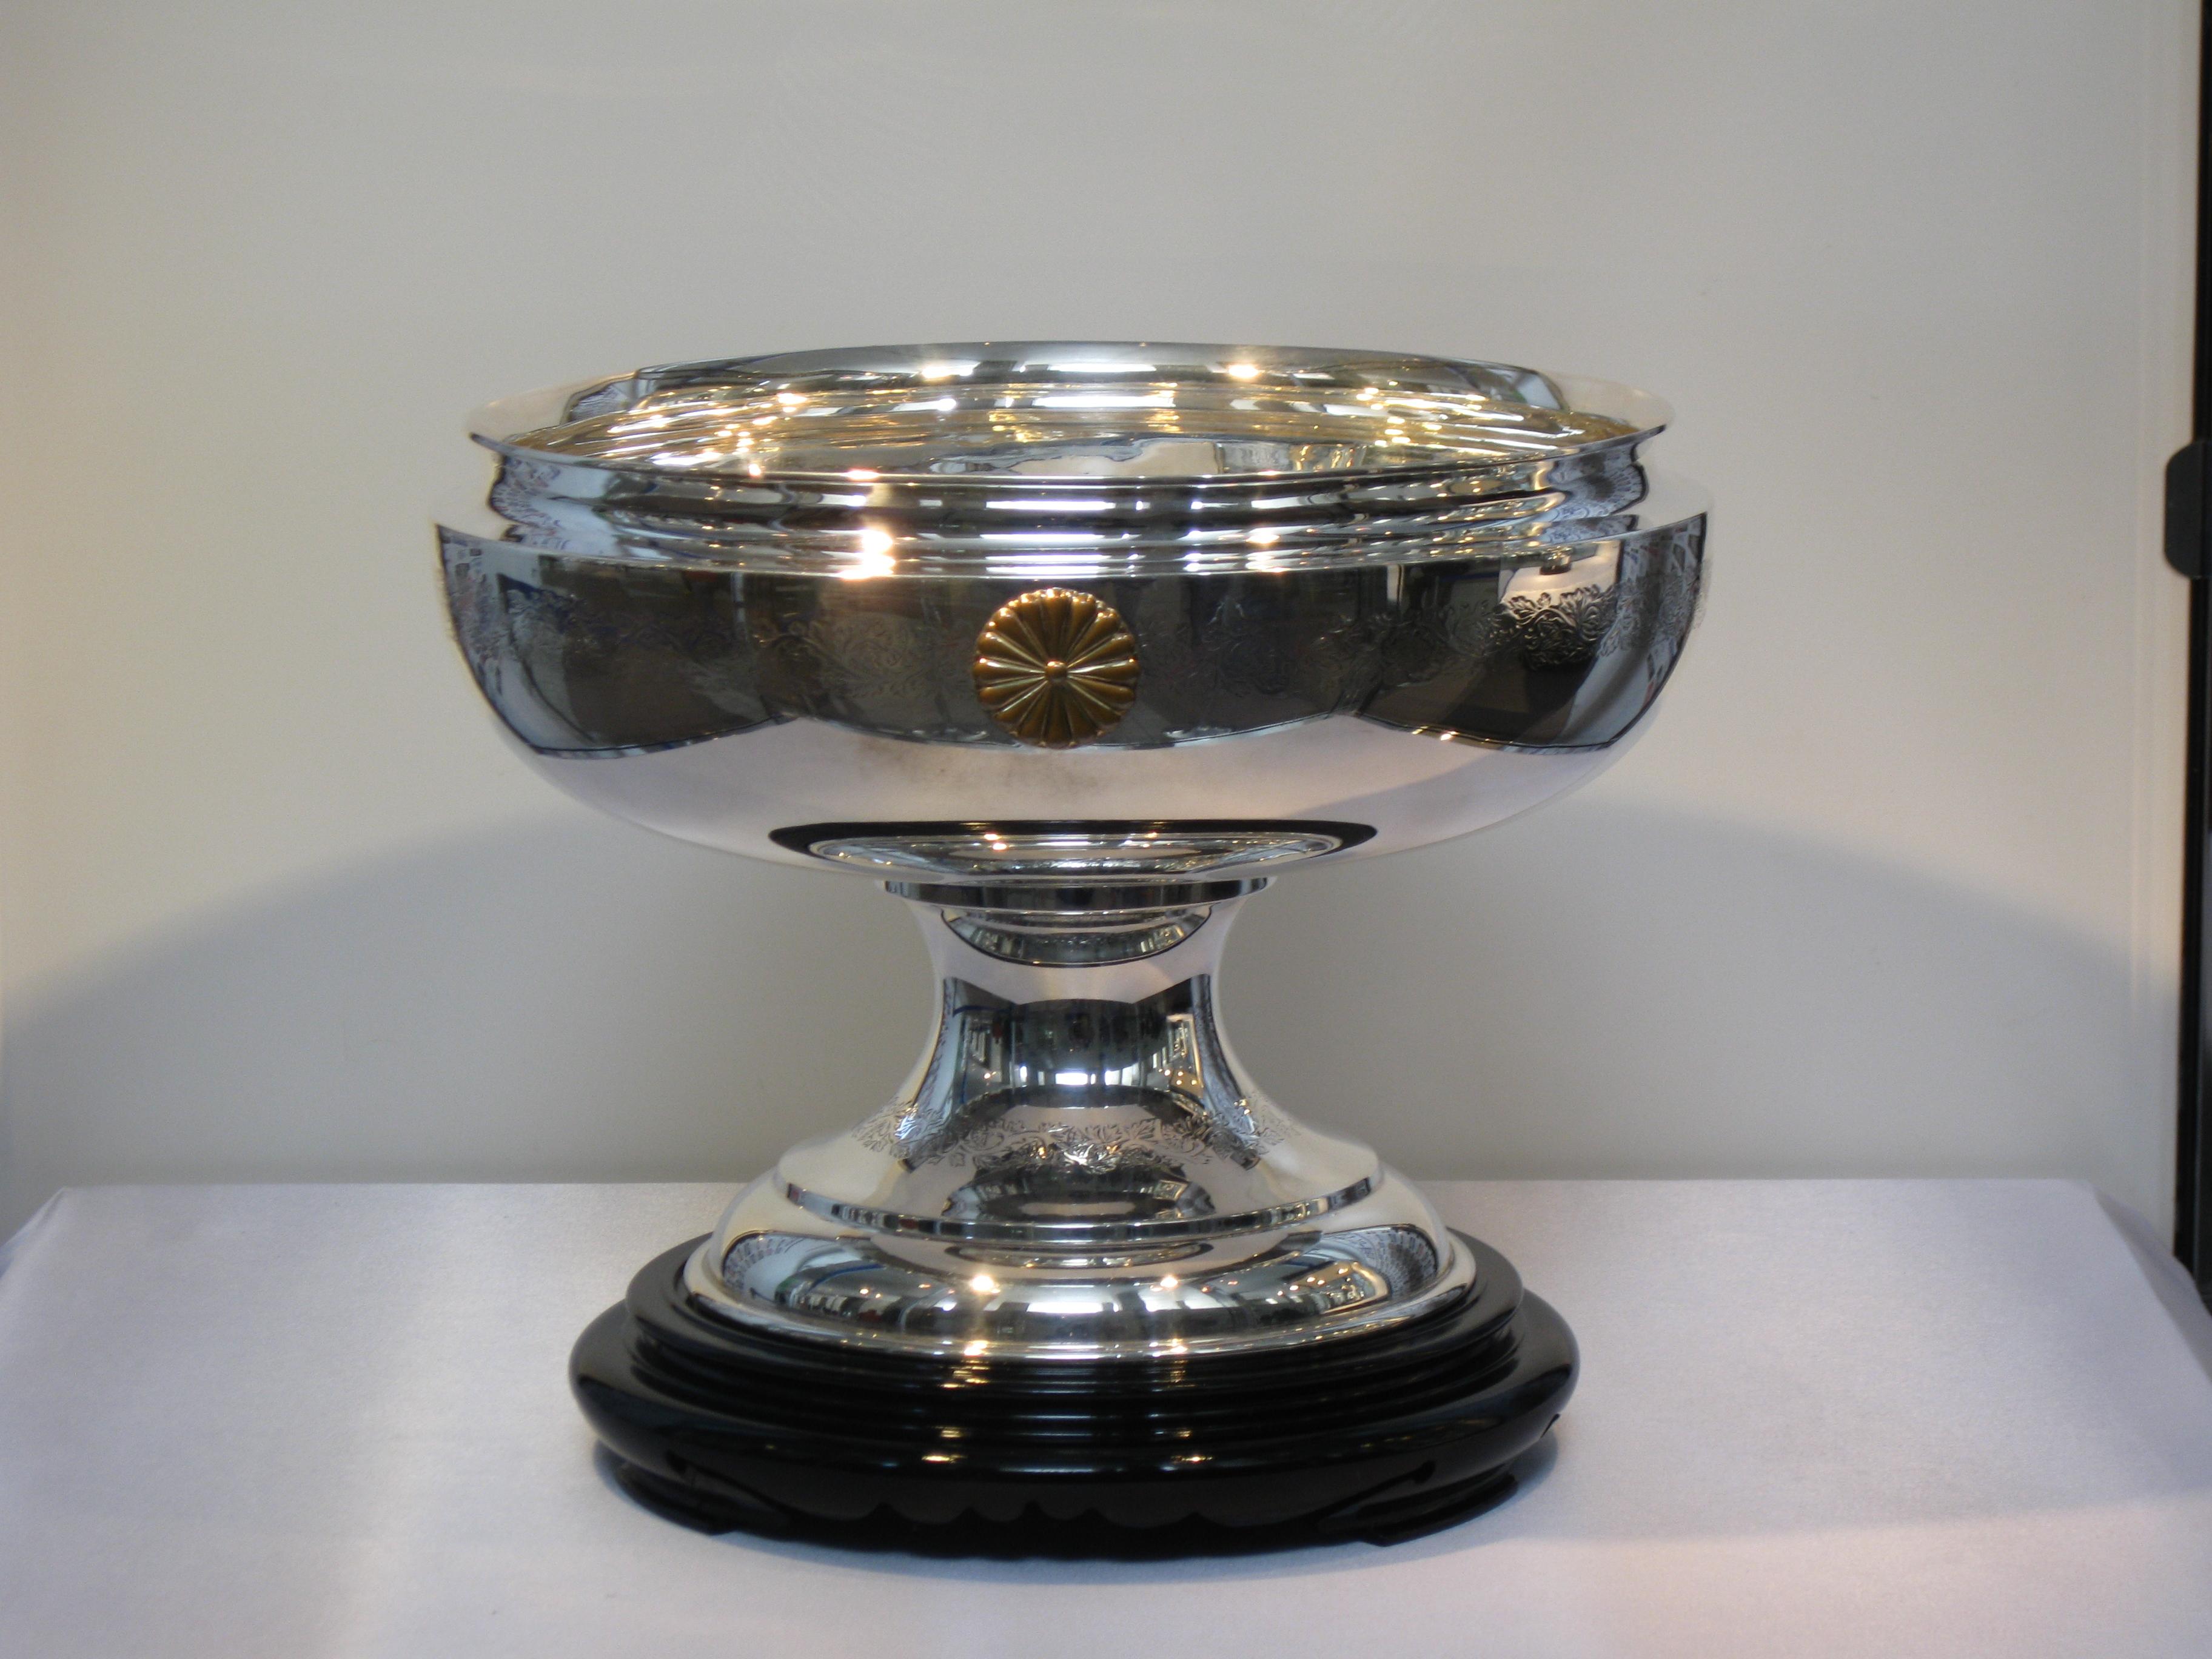 天皇杯 - Wikipedia